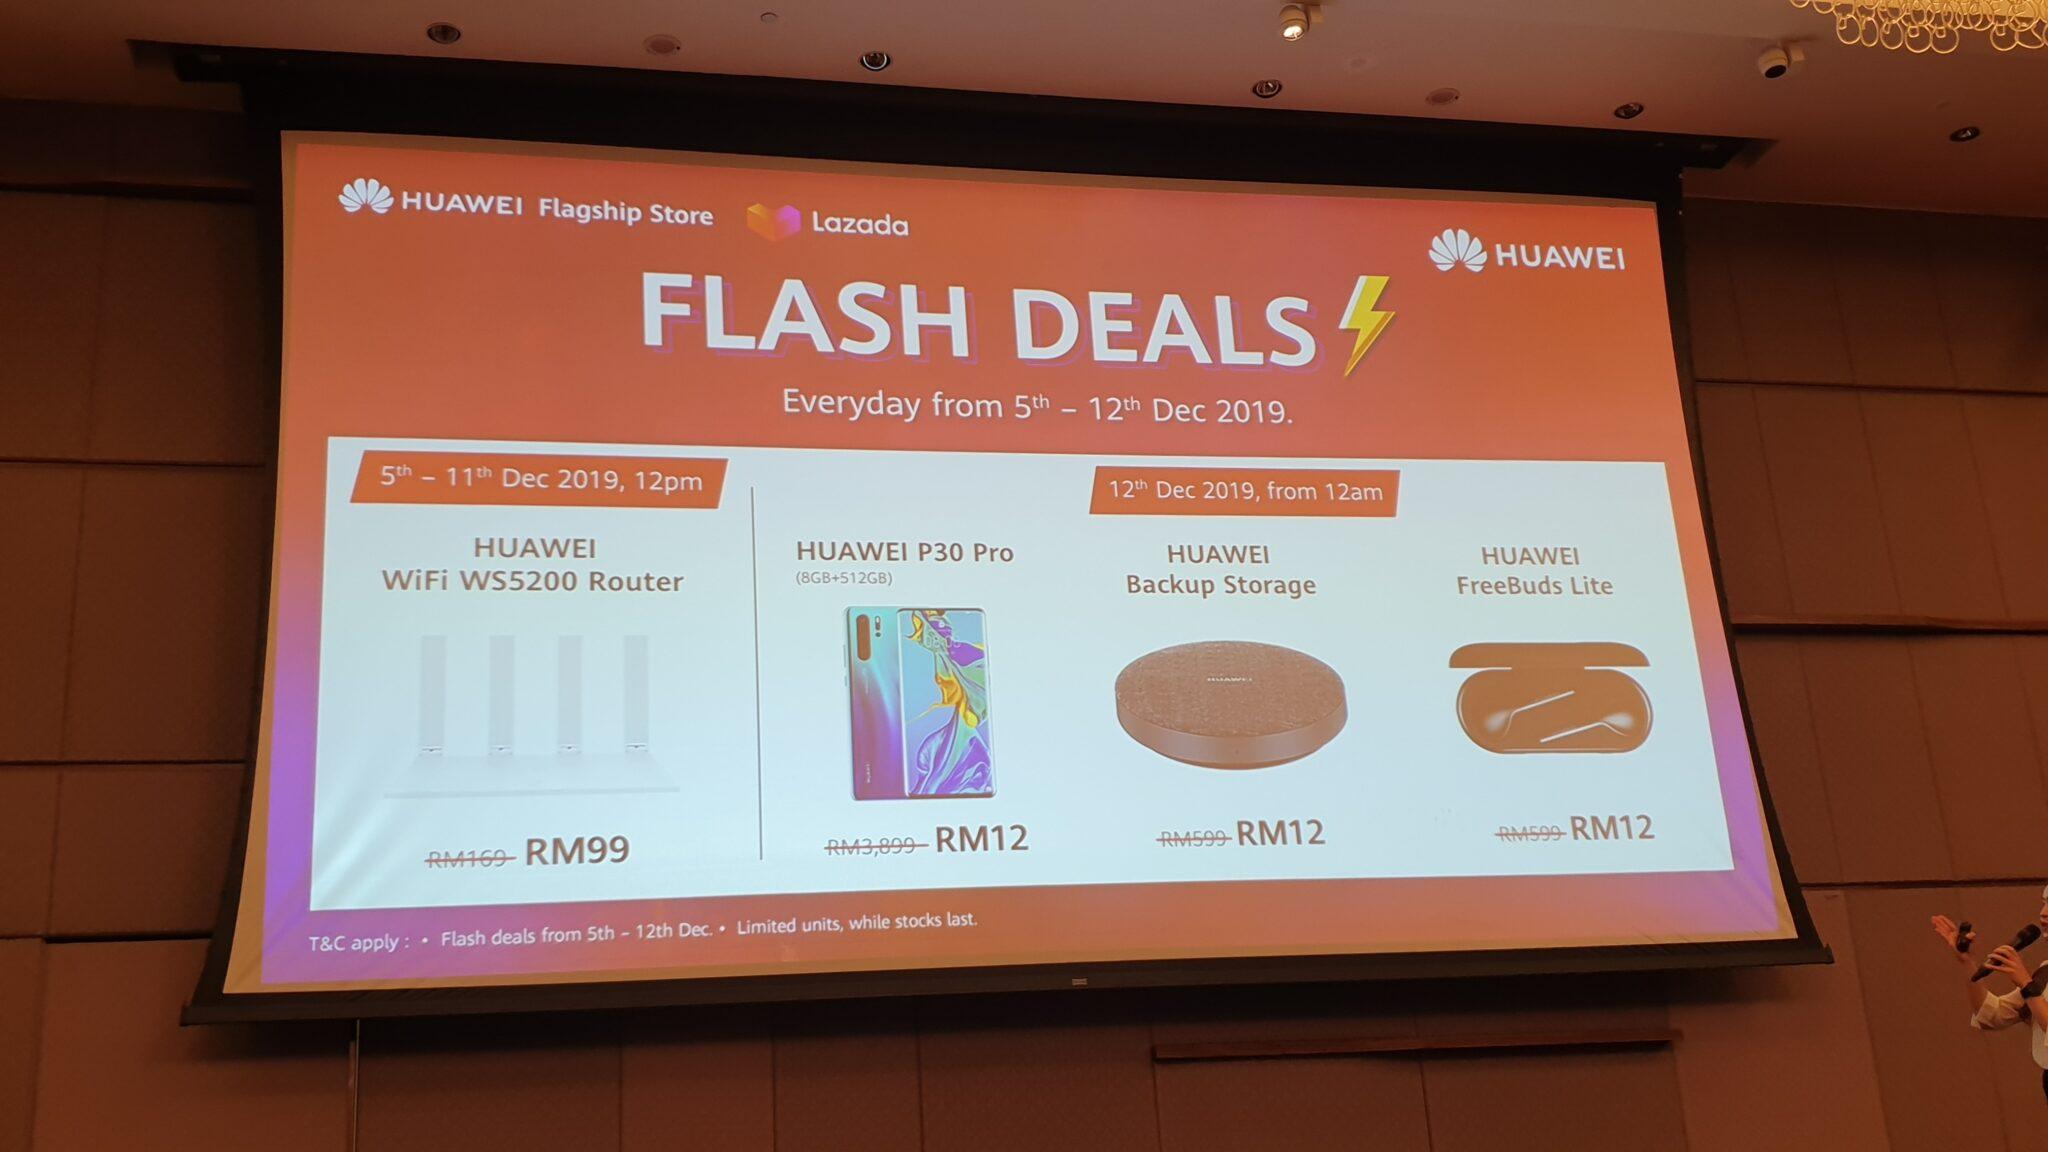 Huawei Flash Deals